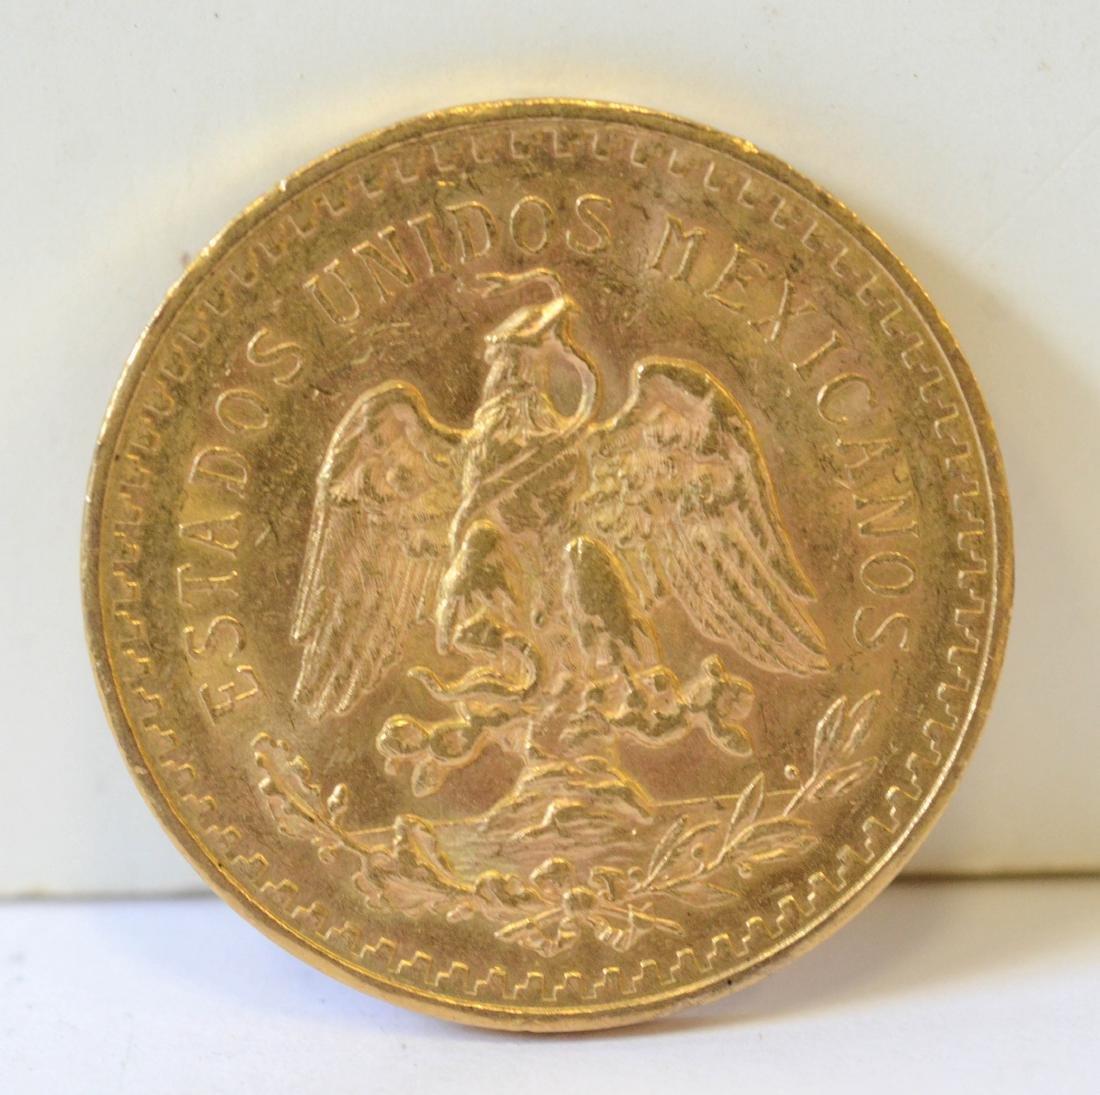 Mexican 50 peso coin - 2